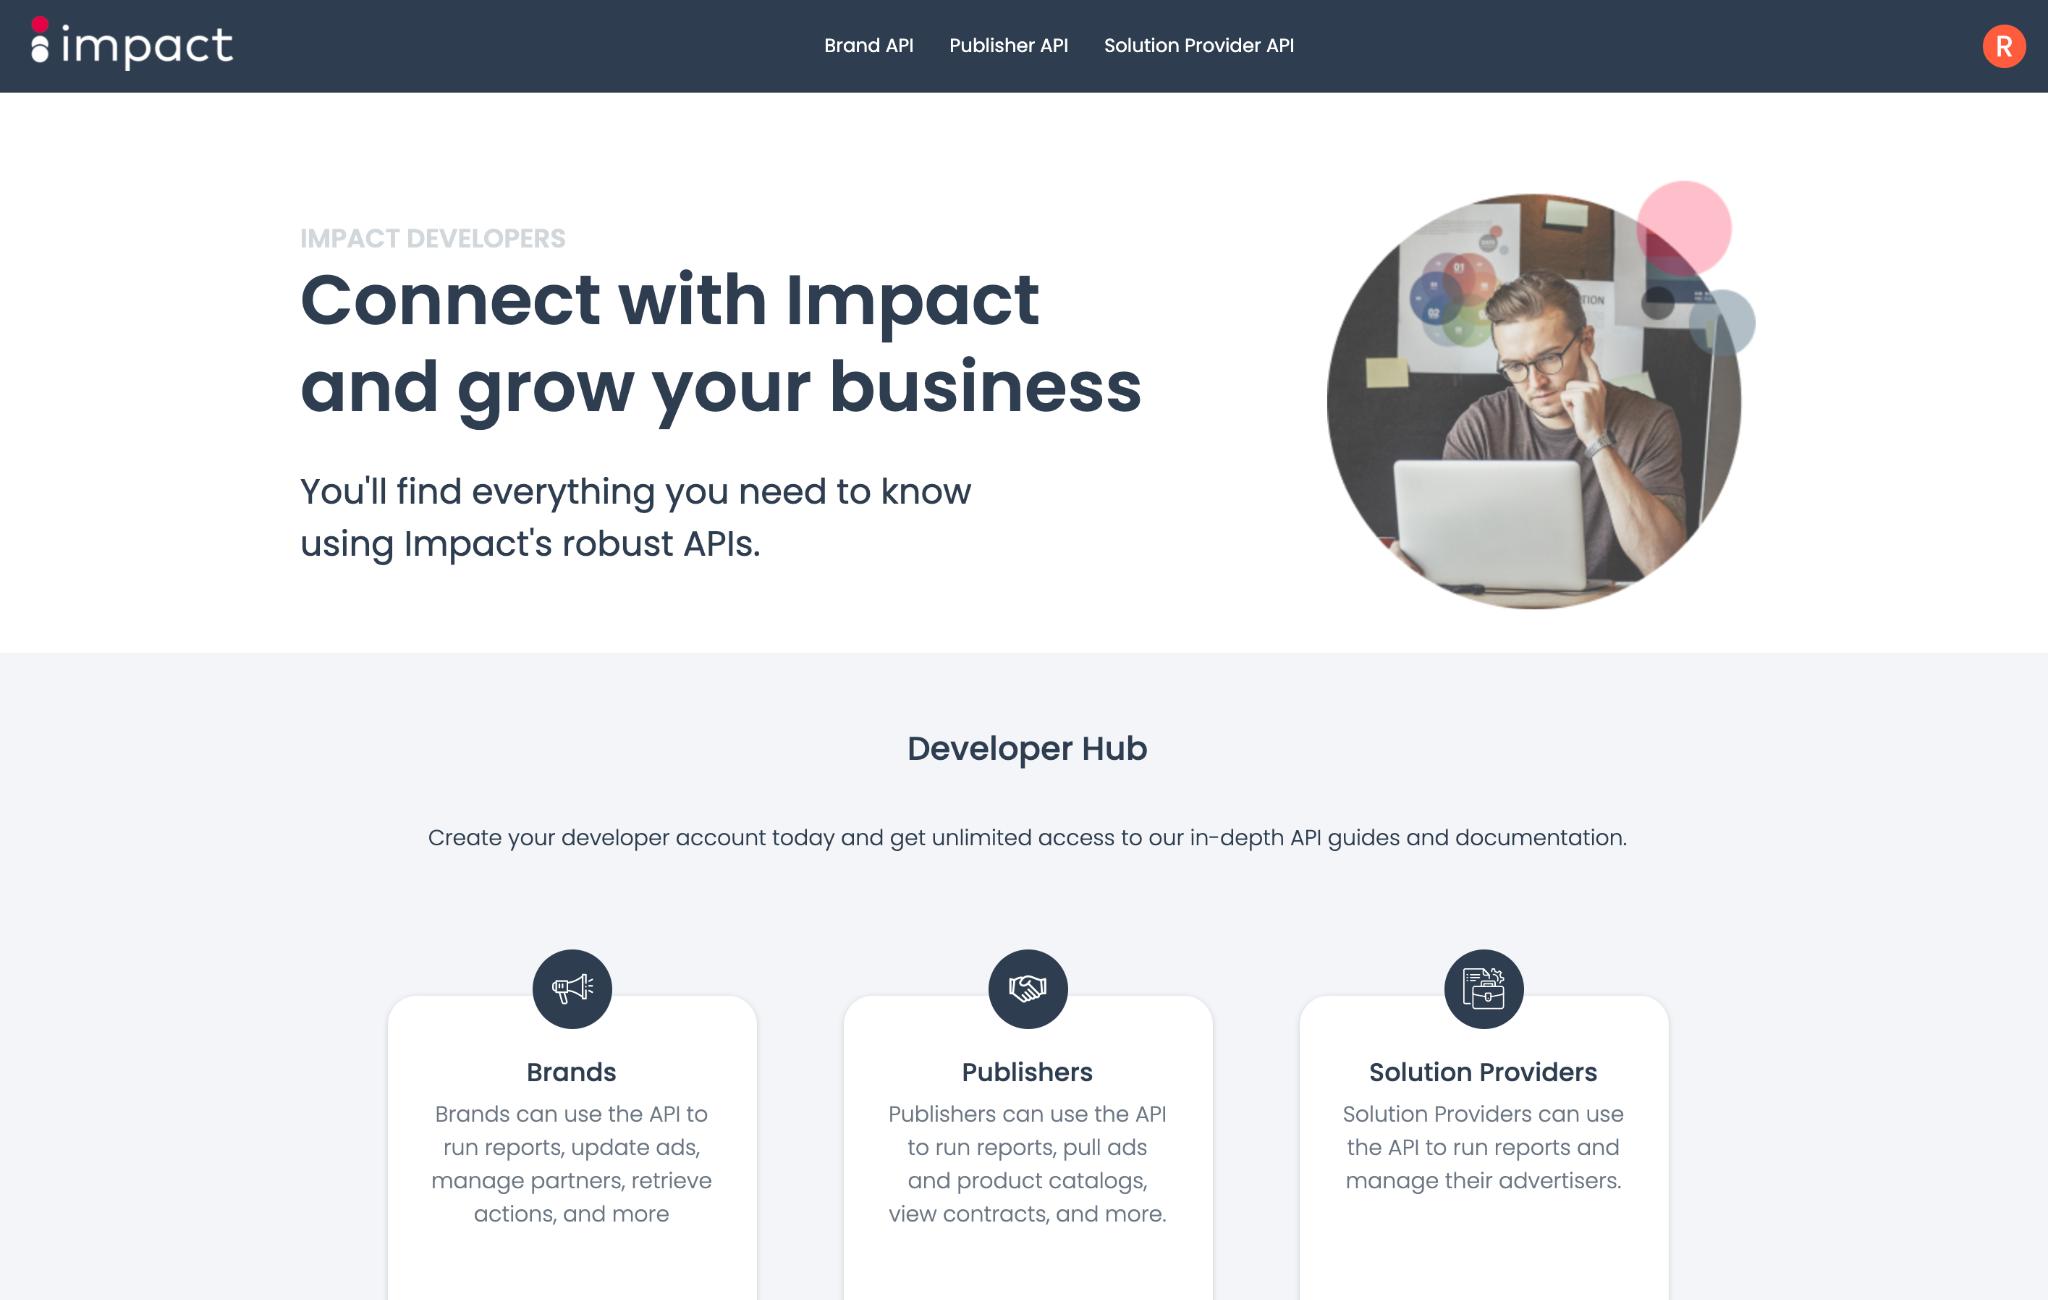 impact API developer hub